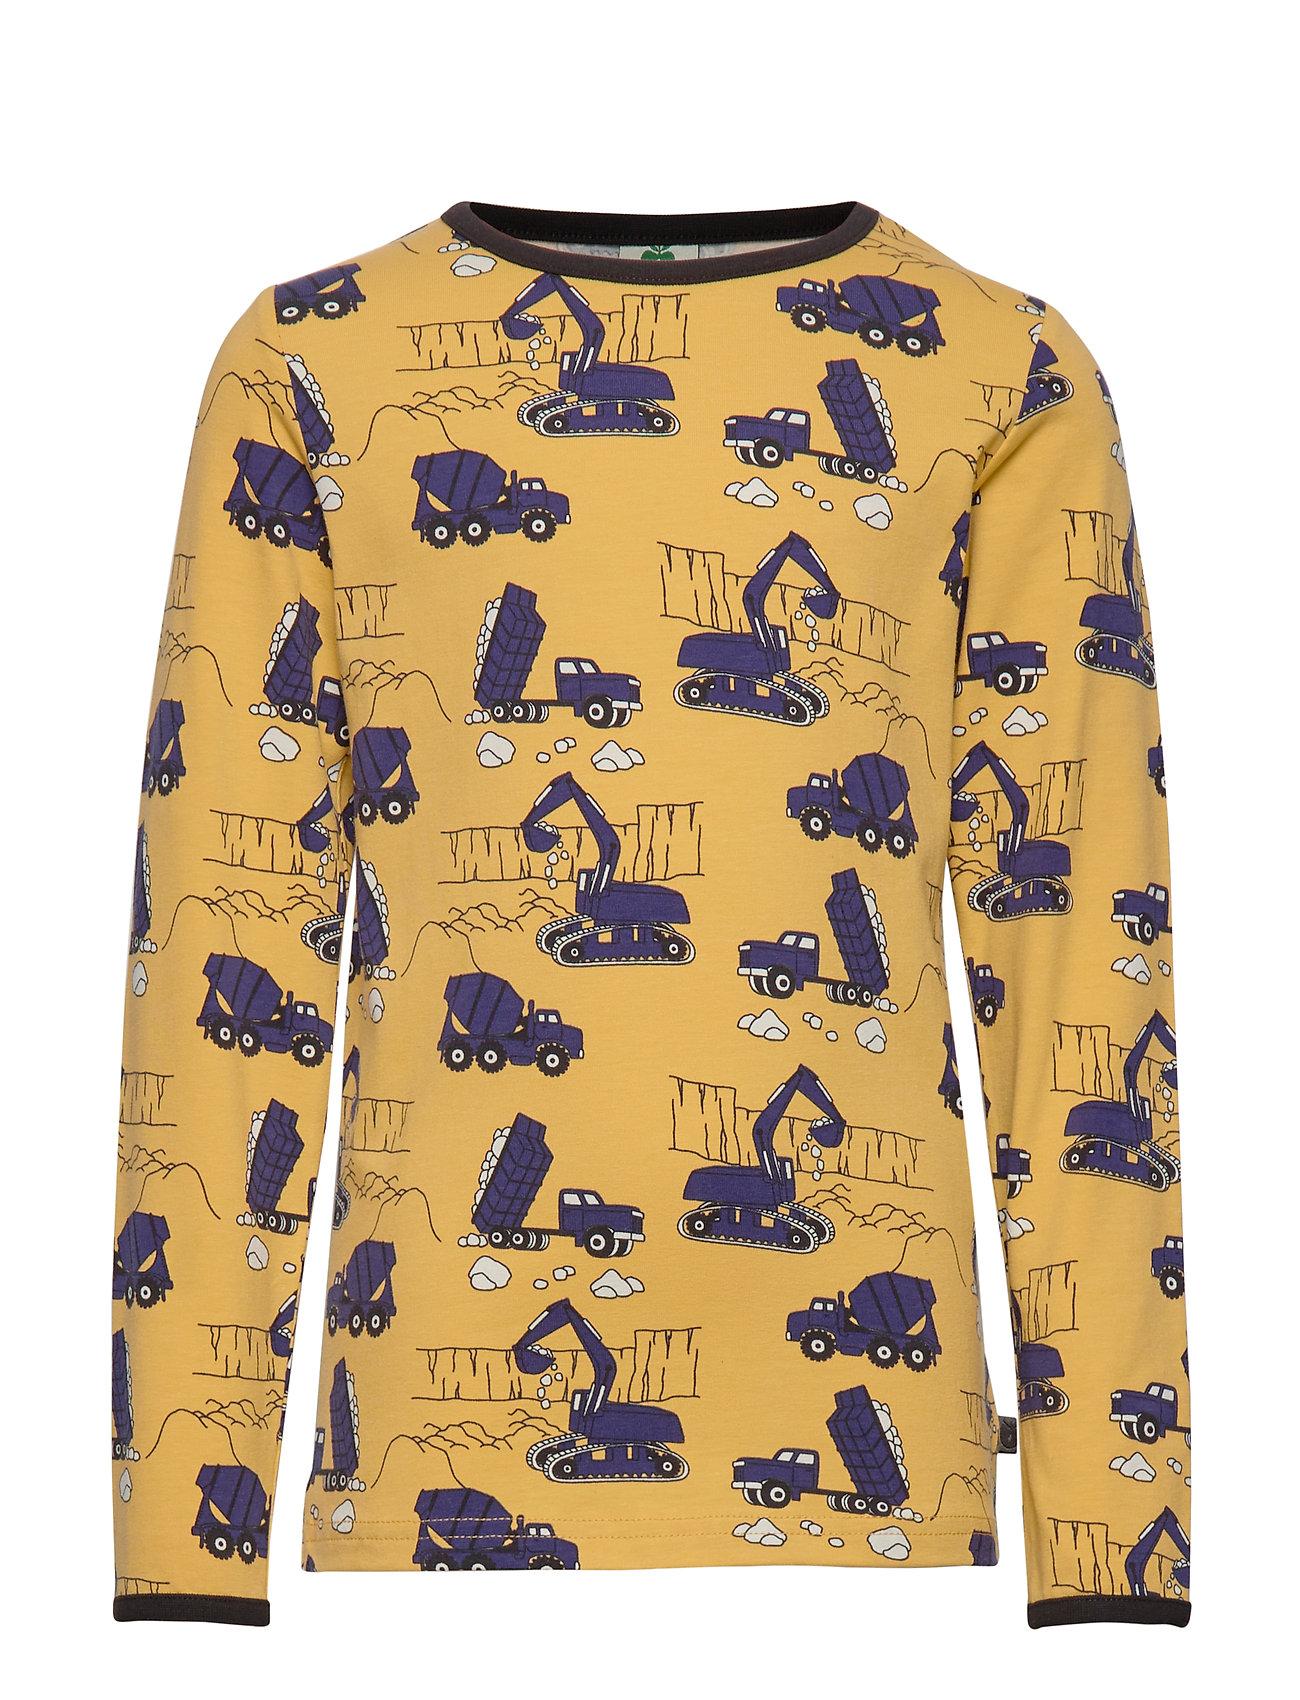 Småfolk T-shirt LS. Machines - OCHRE